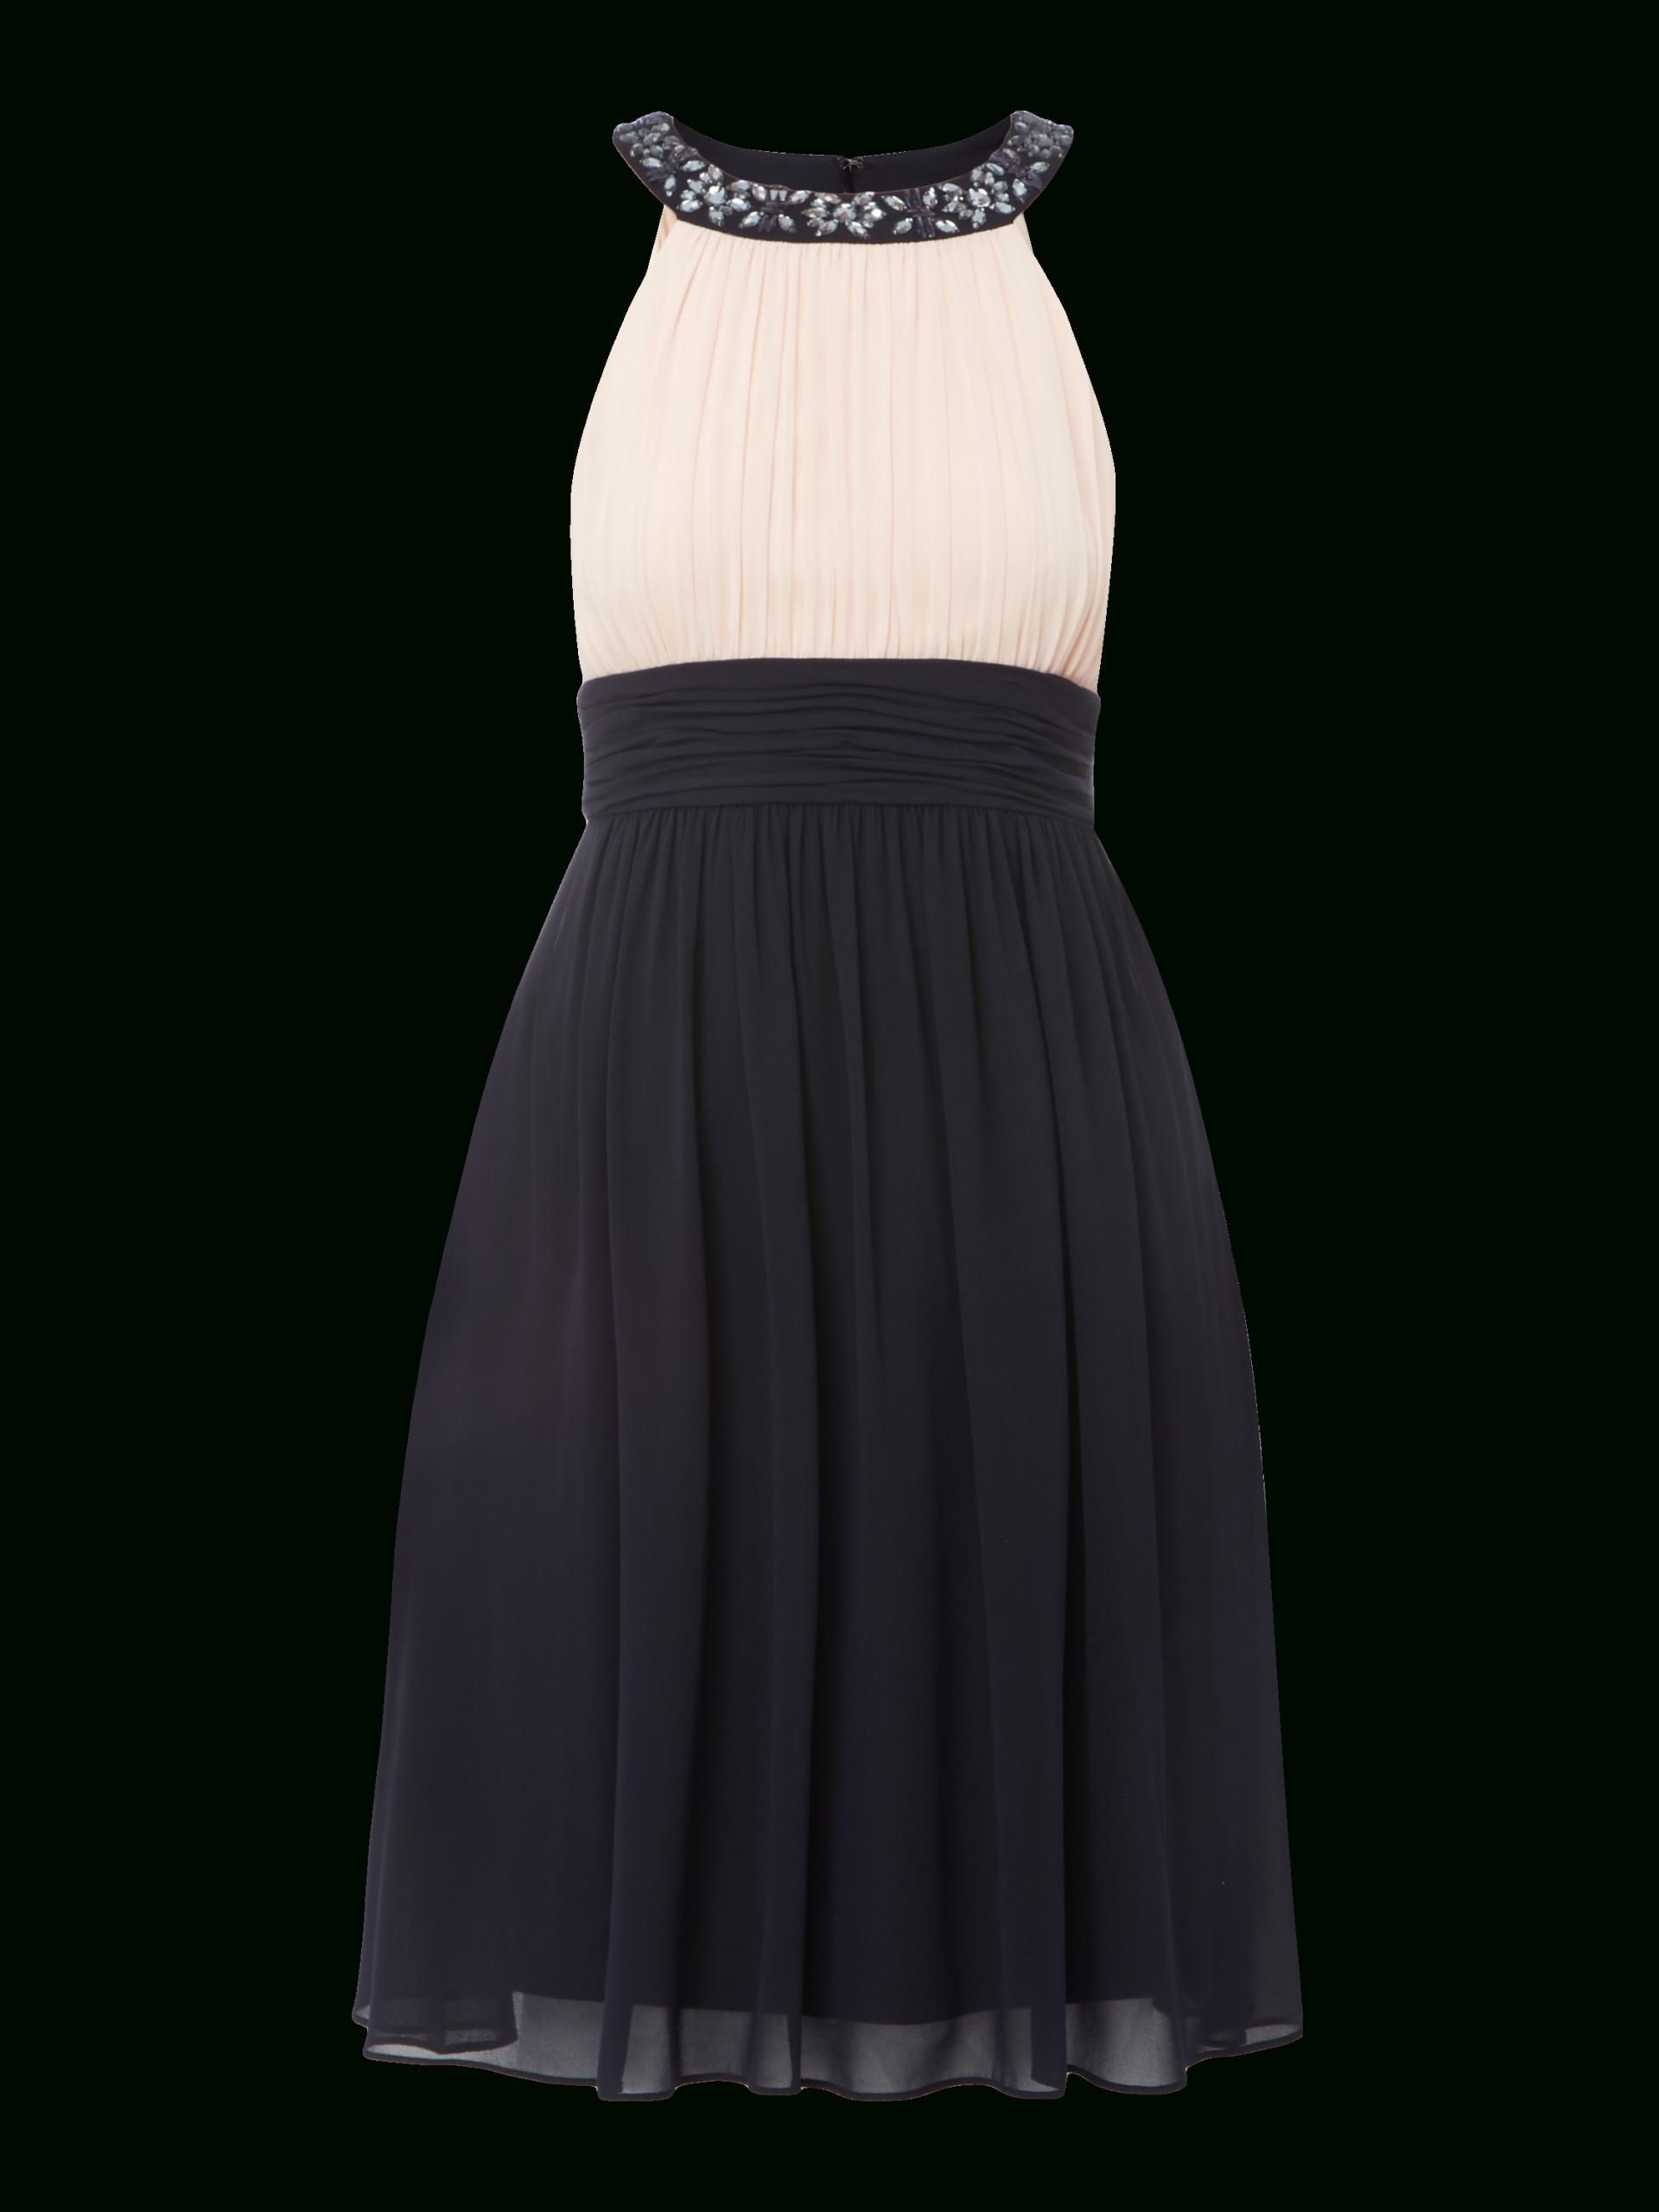 Peek Und Cloppenburg Damen Abendkleider  Abendkleider